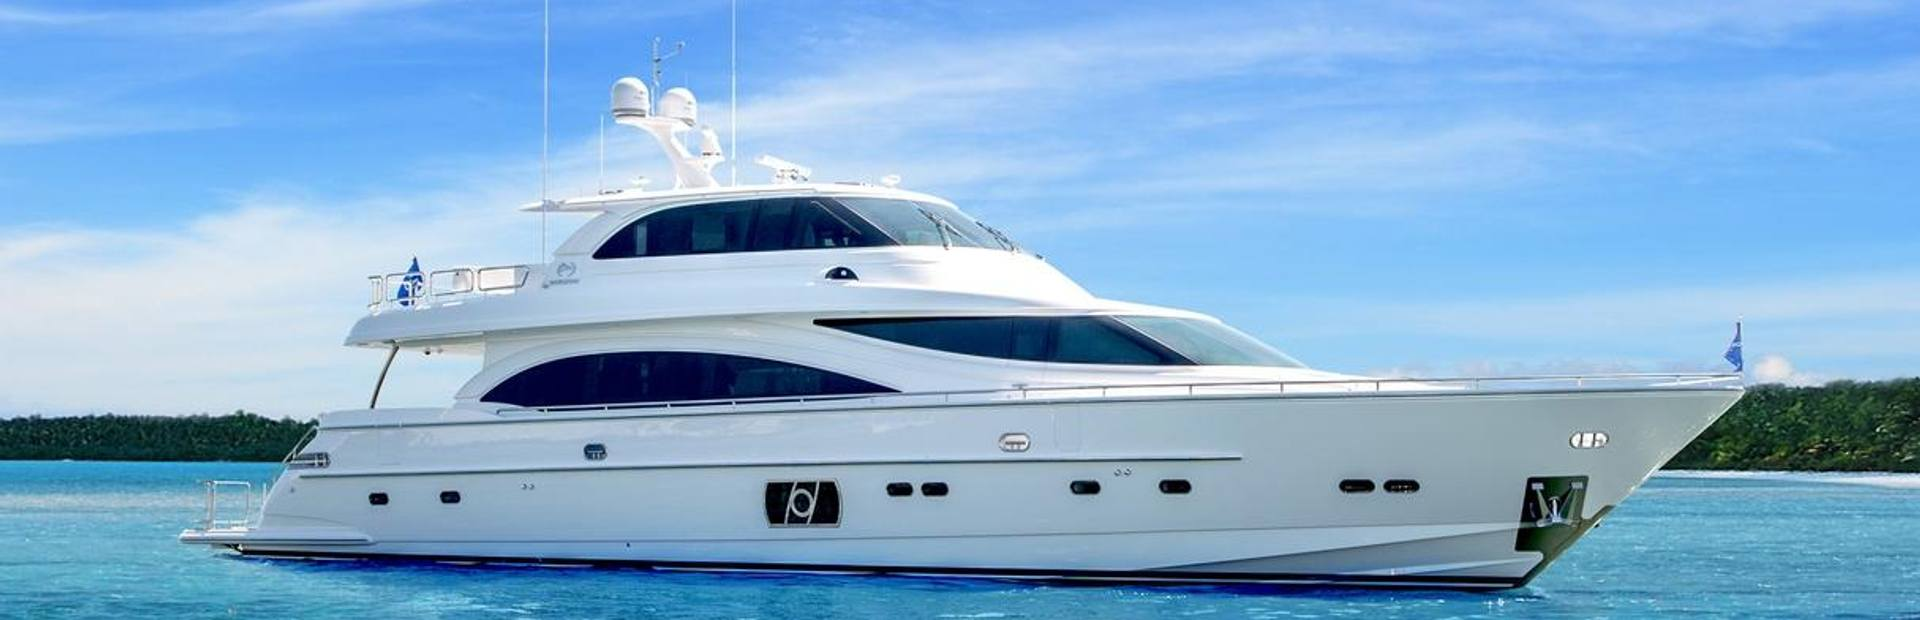 E88 Yacht Charter